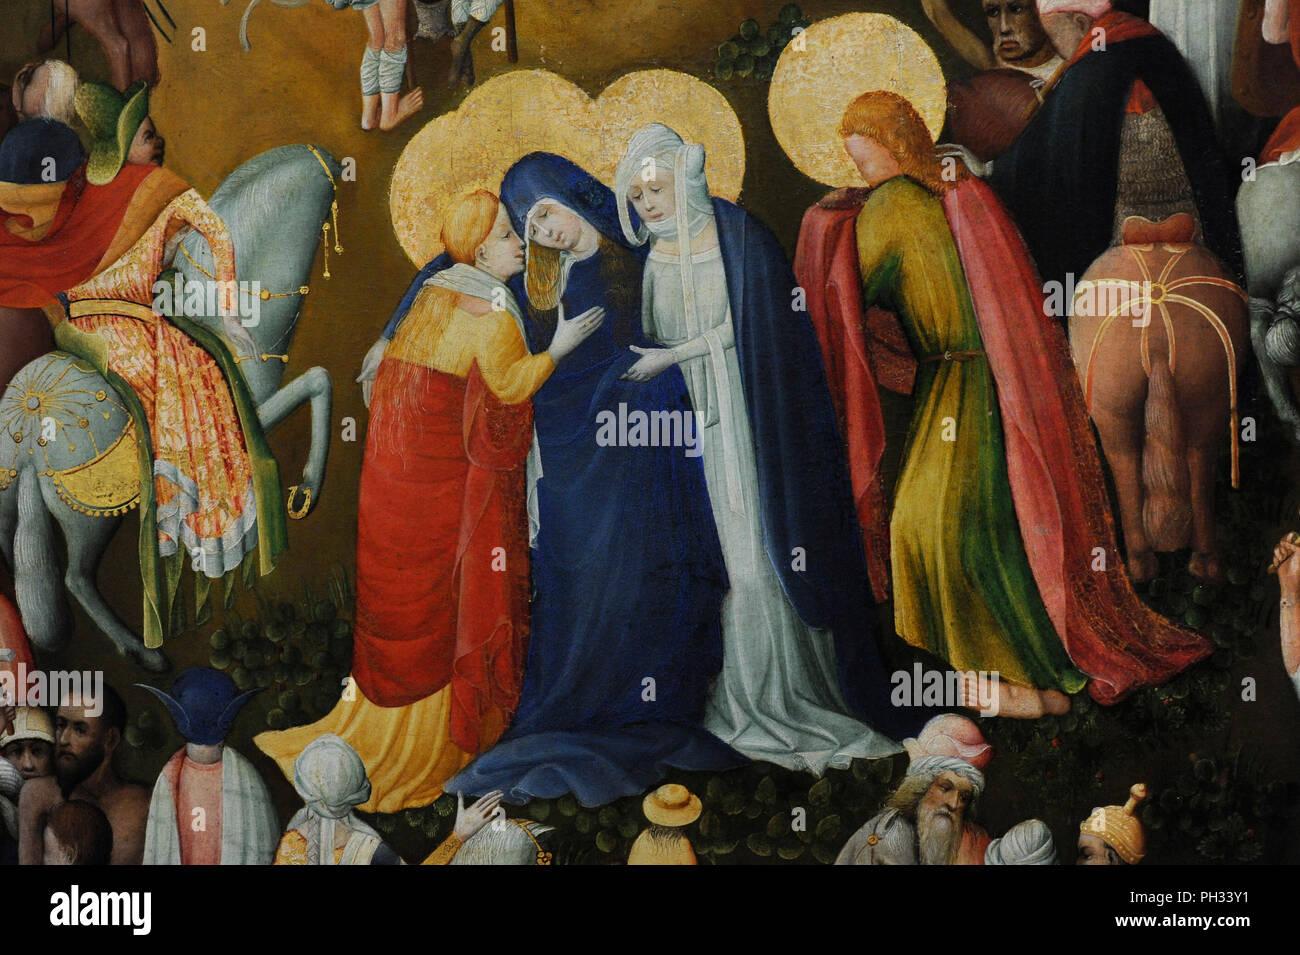 Meister der Wasservass Golgatha (aktiv in Köln, 1415-1435). Kalvarienberg der Wasservass Familie, 1420-1430. Detail. Wallraf-Richartz-Museum. Köln. Deutschland. Stockbild